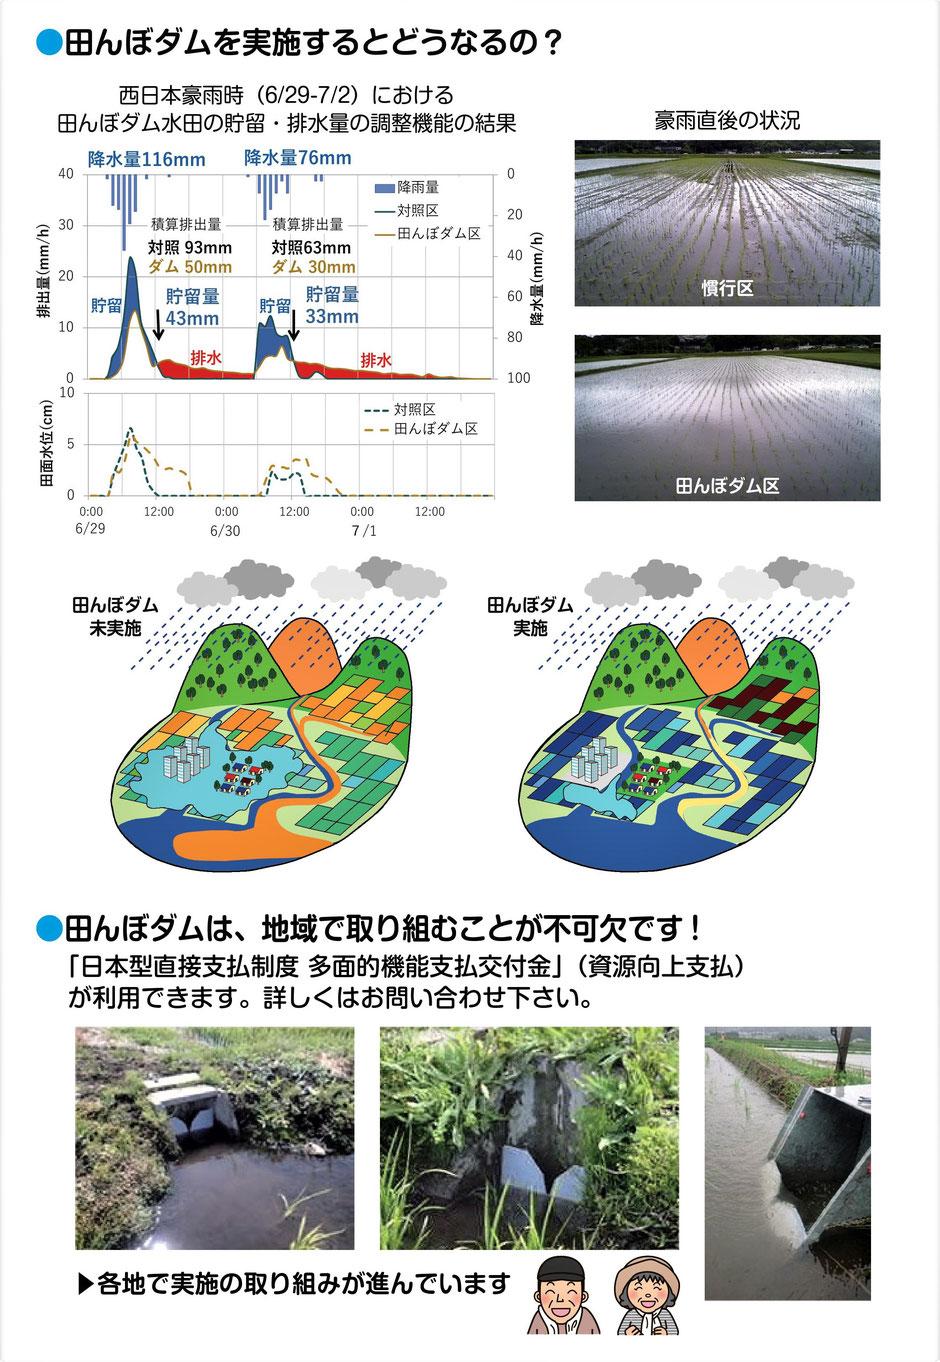 格安!田んぼダムのご紹介、豪雨対策として都市部への流入洪水などを軽減。